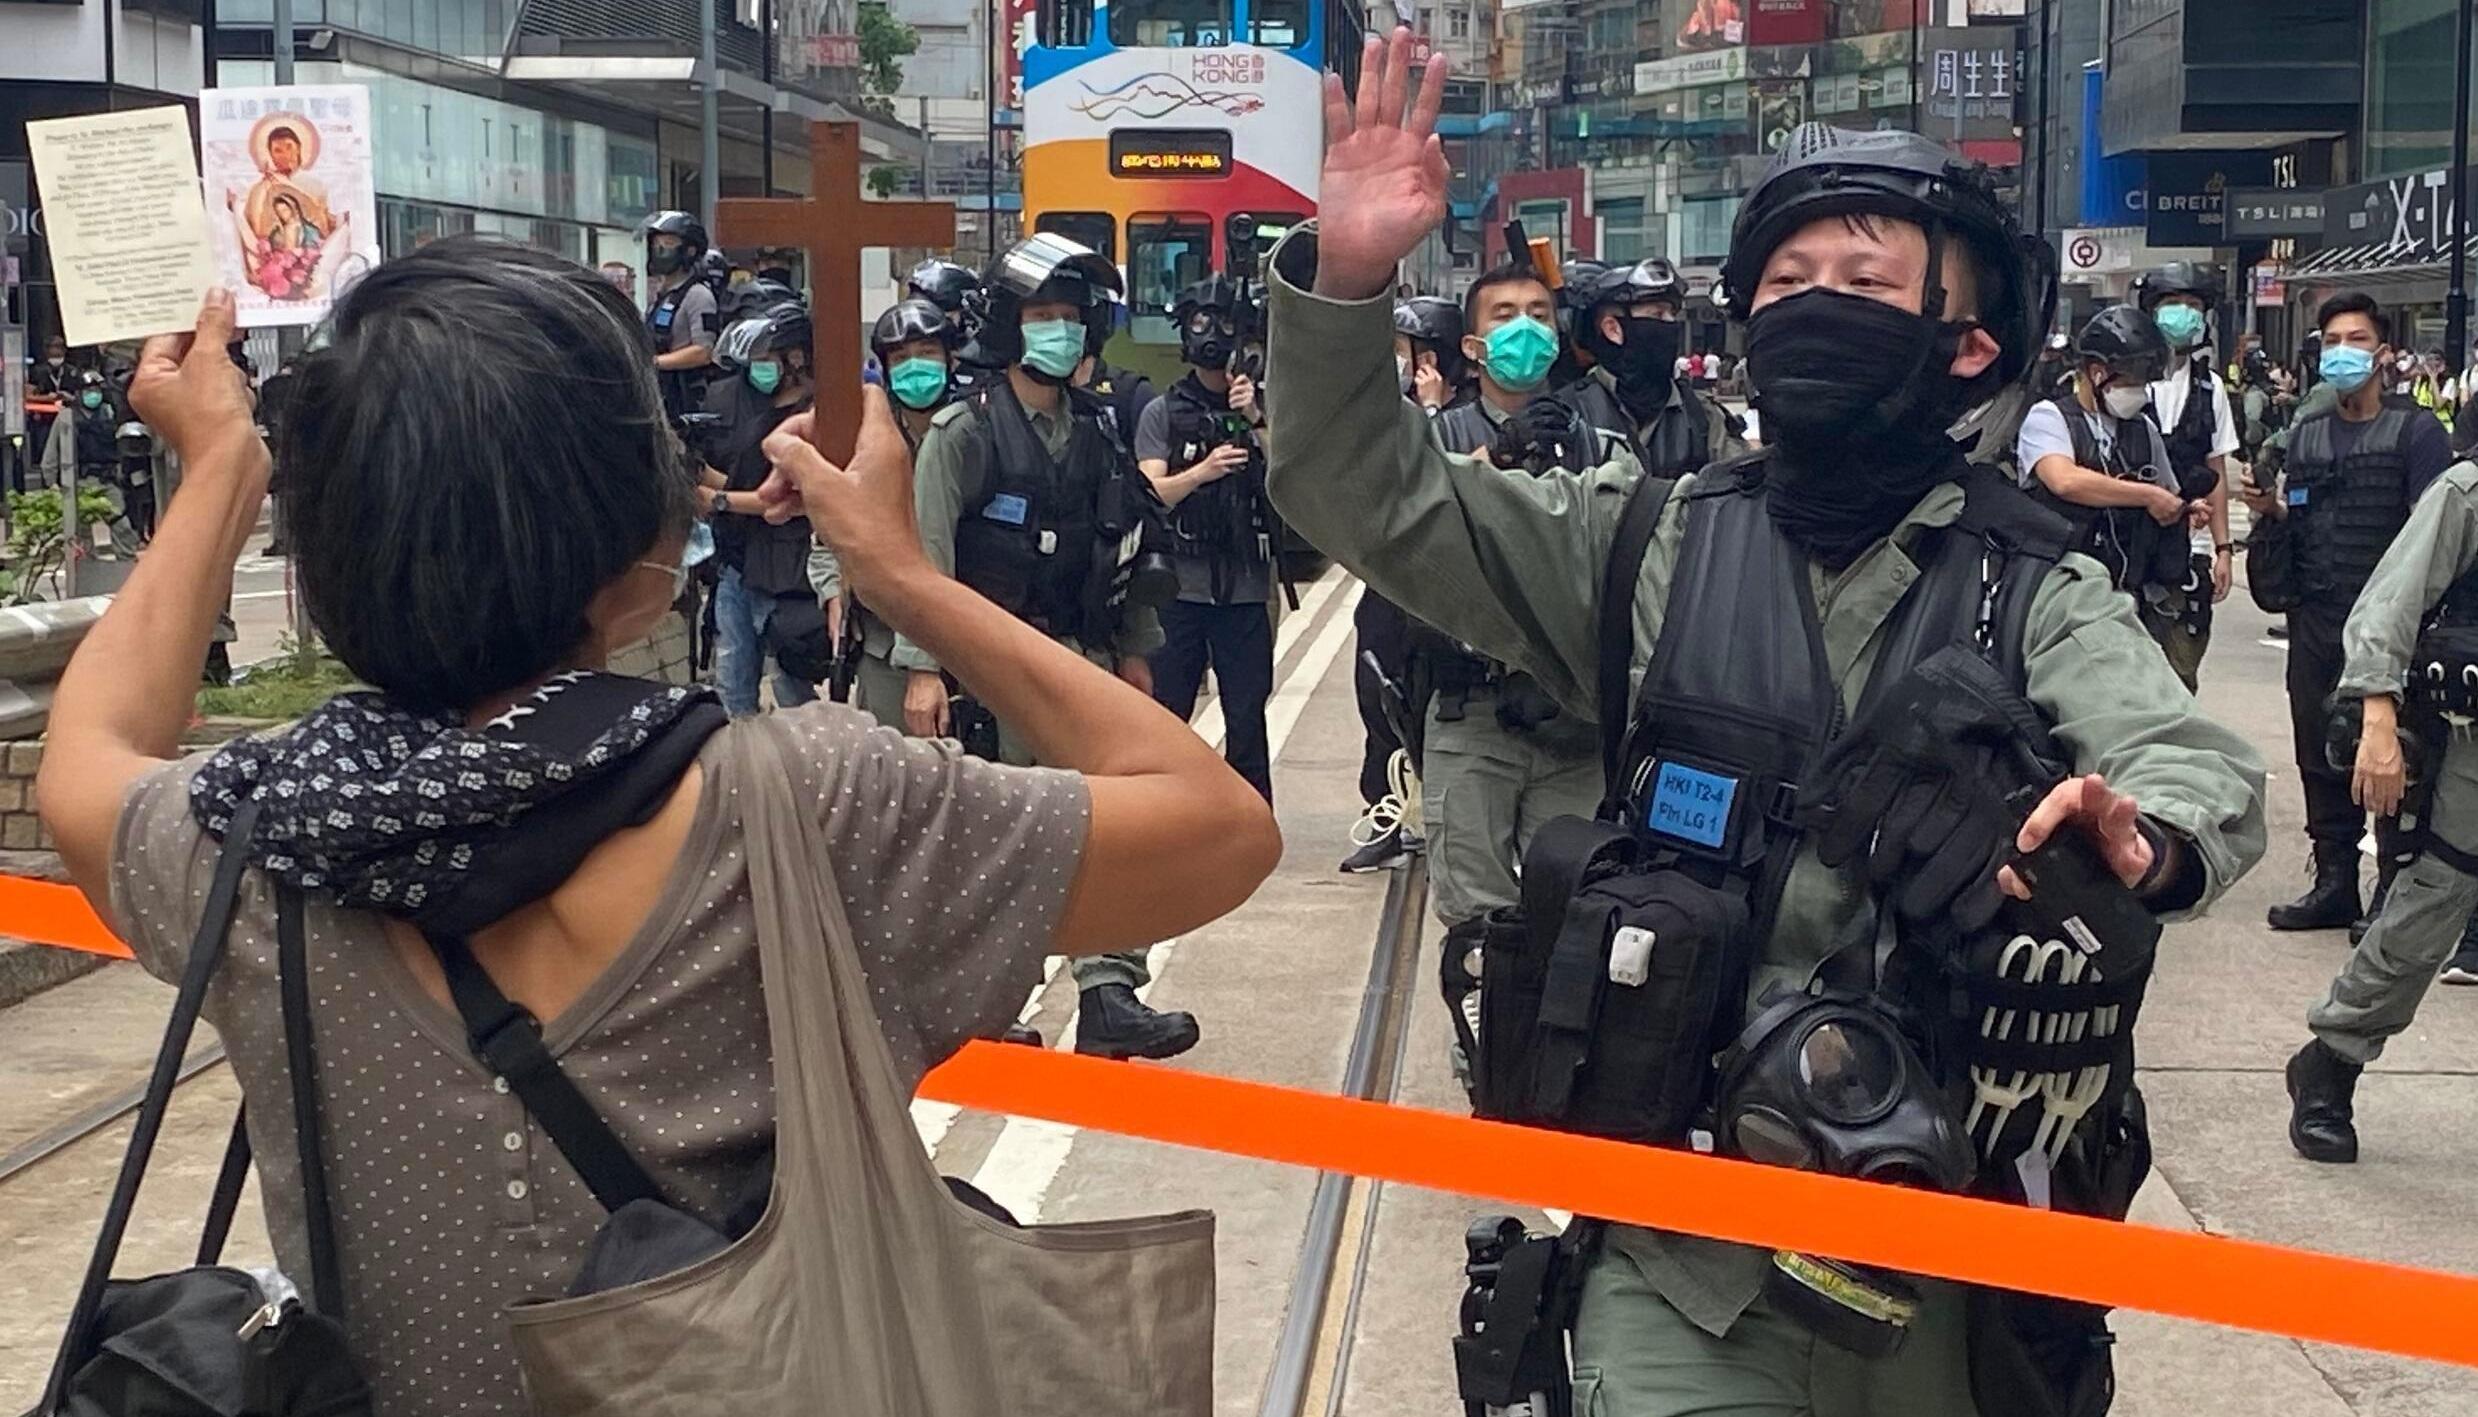 2020-05-25 hong kong protests china national security law